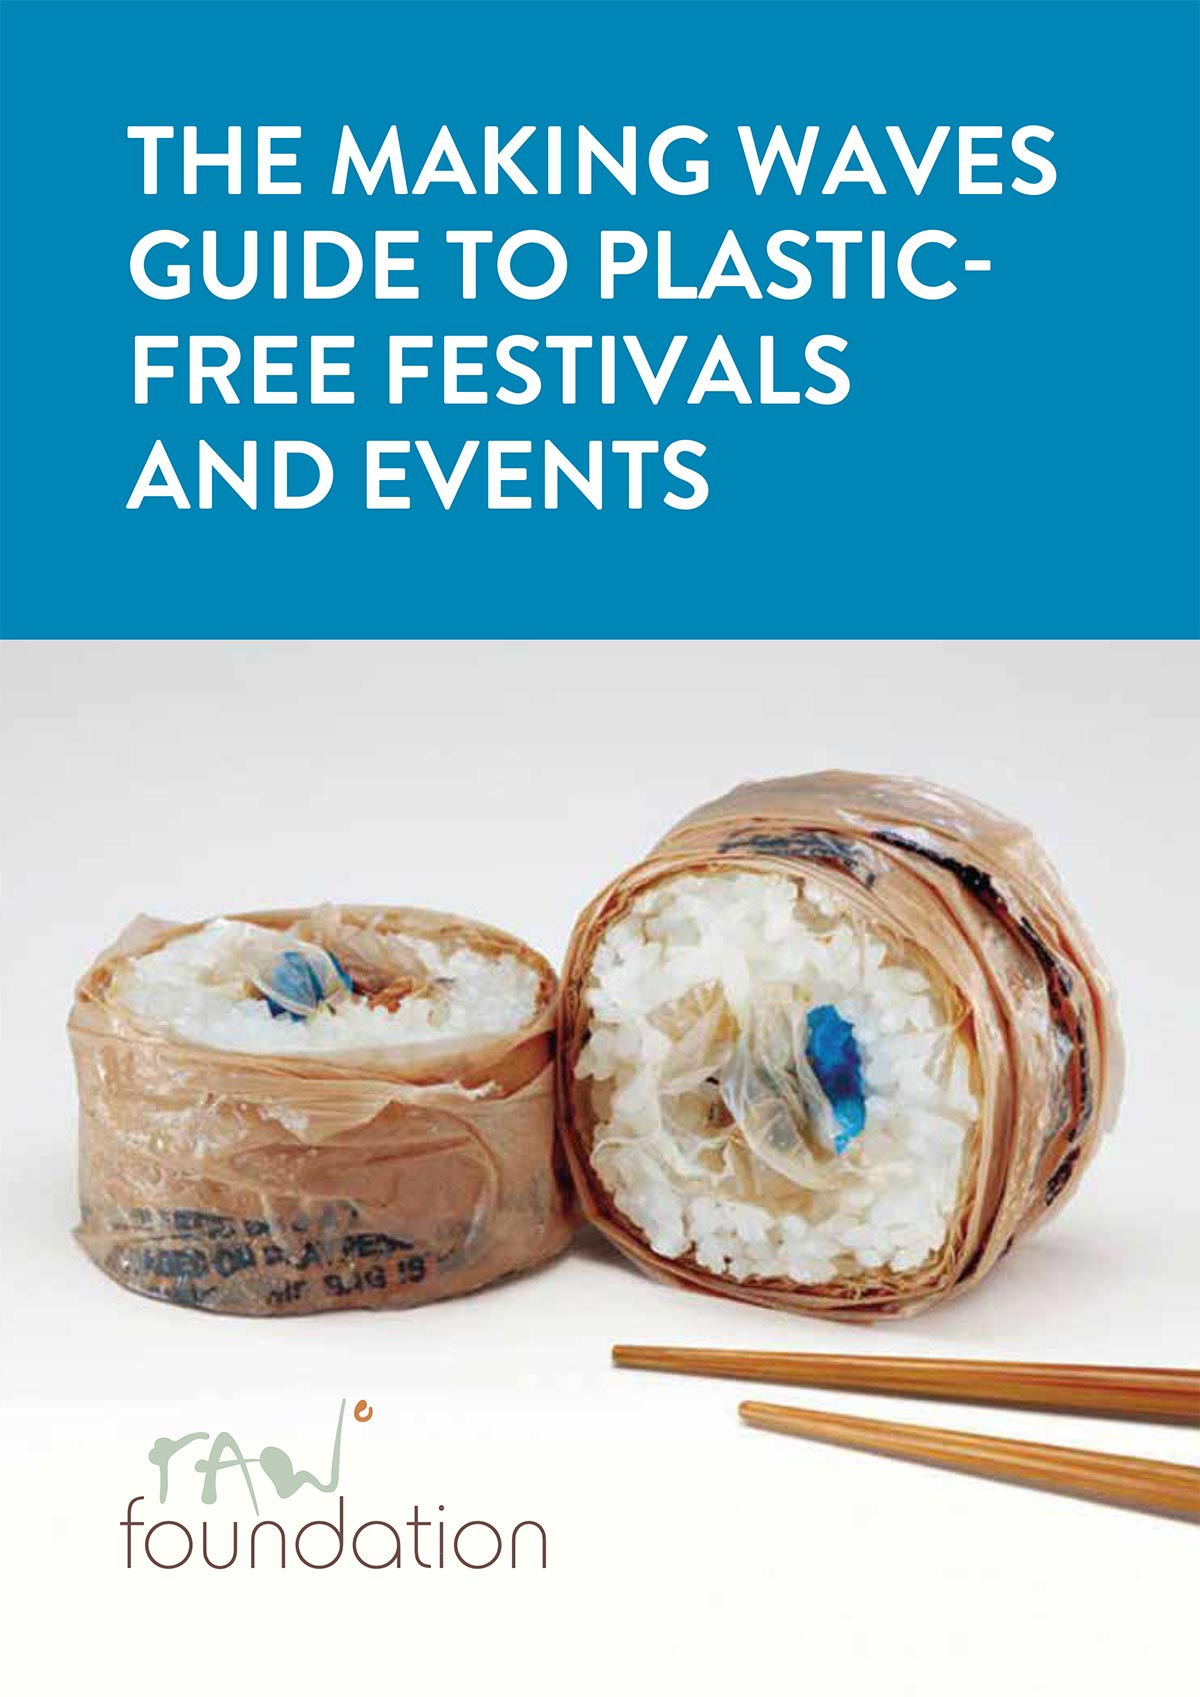 Festival-Guide-2018-1